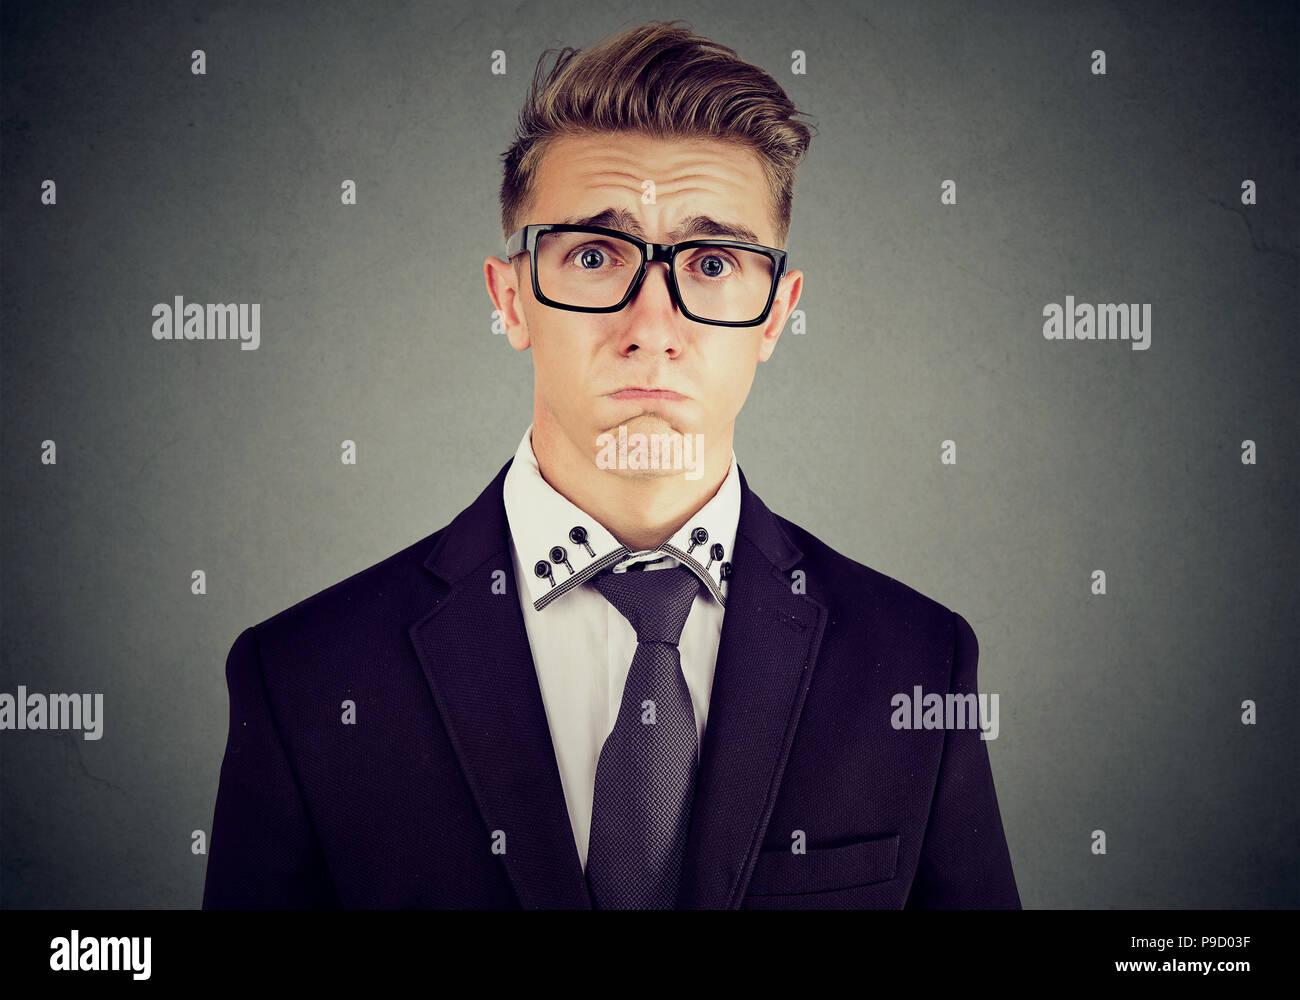 Giovane uomo formale in tuta e occhiali cercando insultati e peccato faccia triste e piange su sfondo grigio Immagini Stock